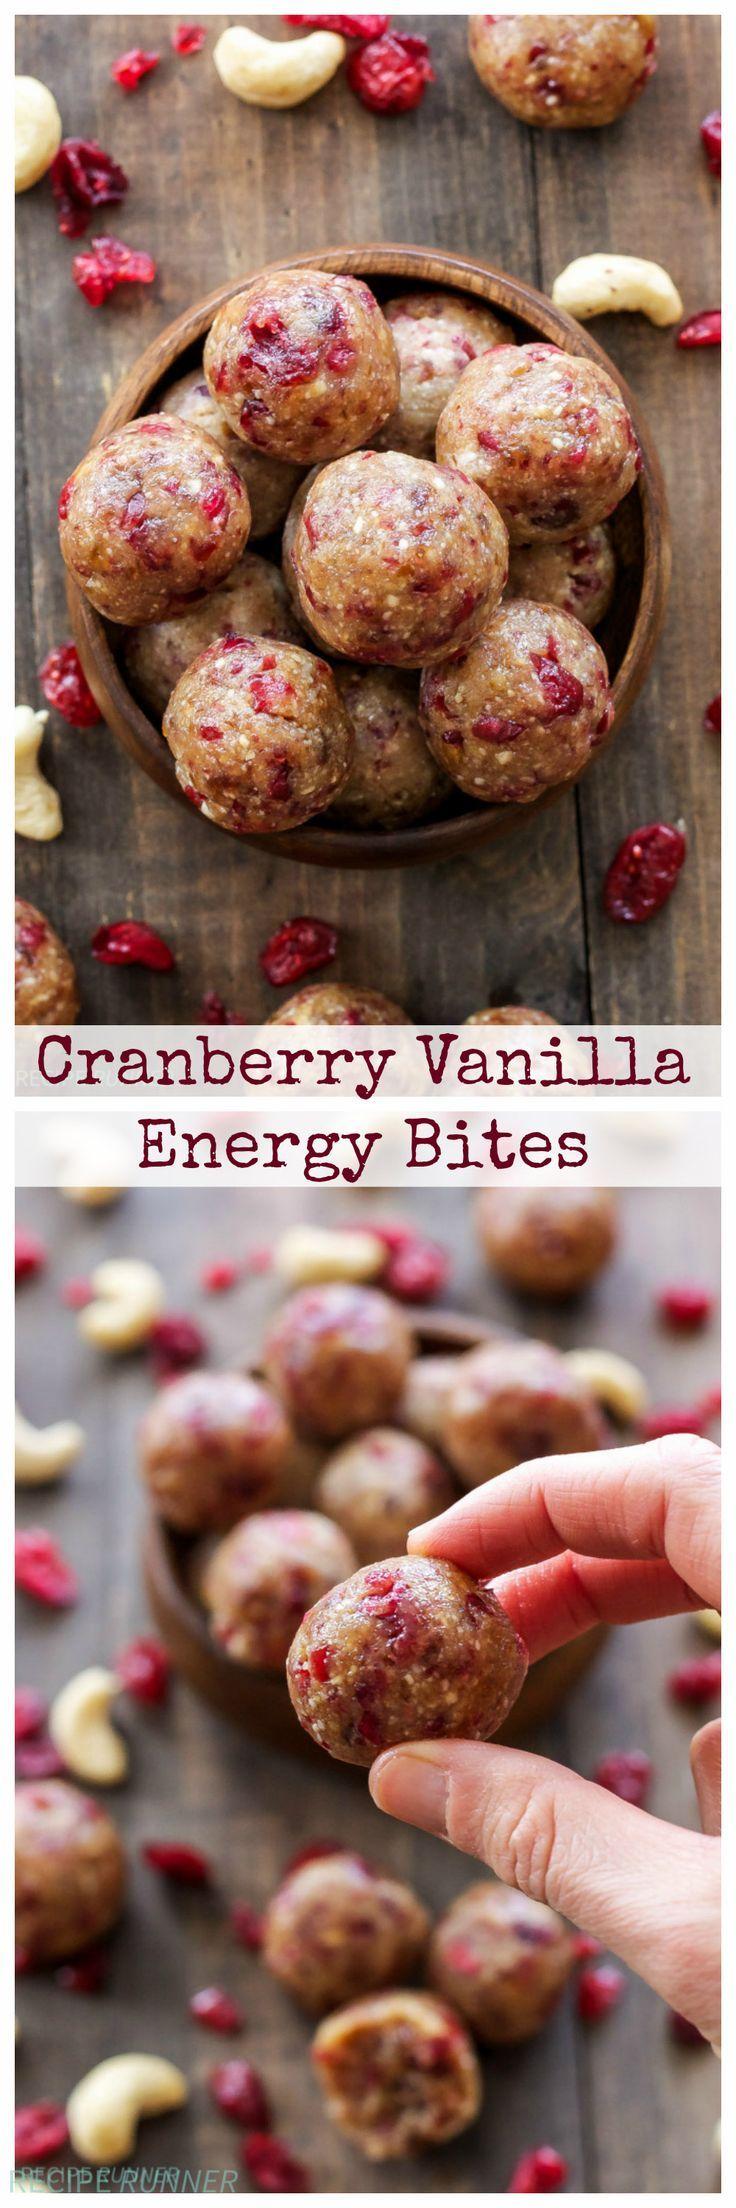 Cranberry Vanilla Energie Bites   Diese gesunden Energie Bisse sind glutenfrei, vegan, Paläo und voller Preiselbeeren und Vanillearomen!